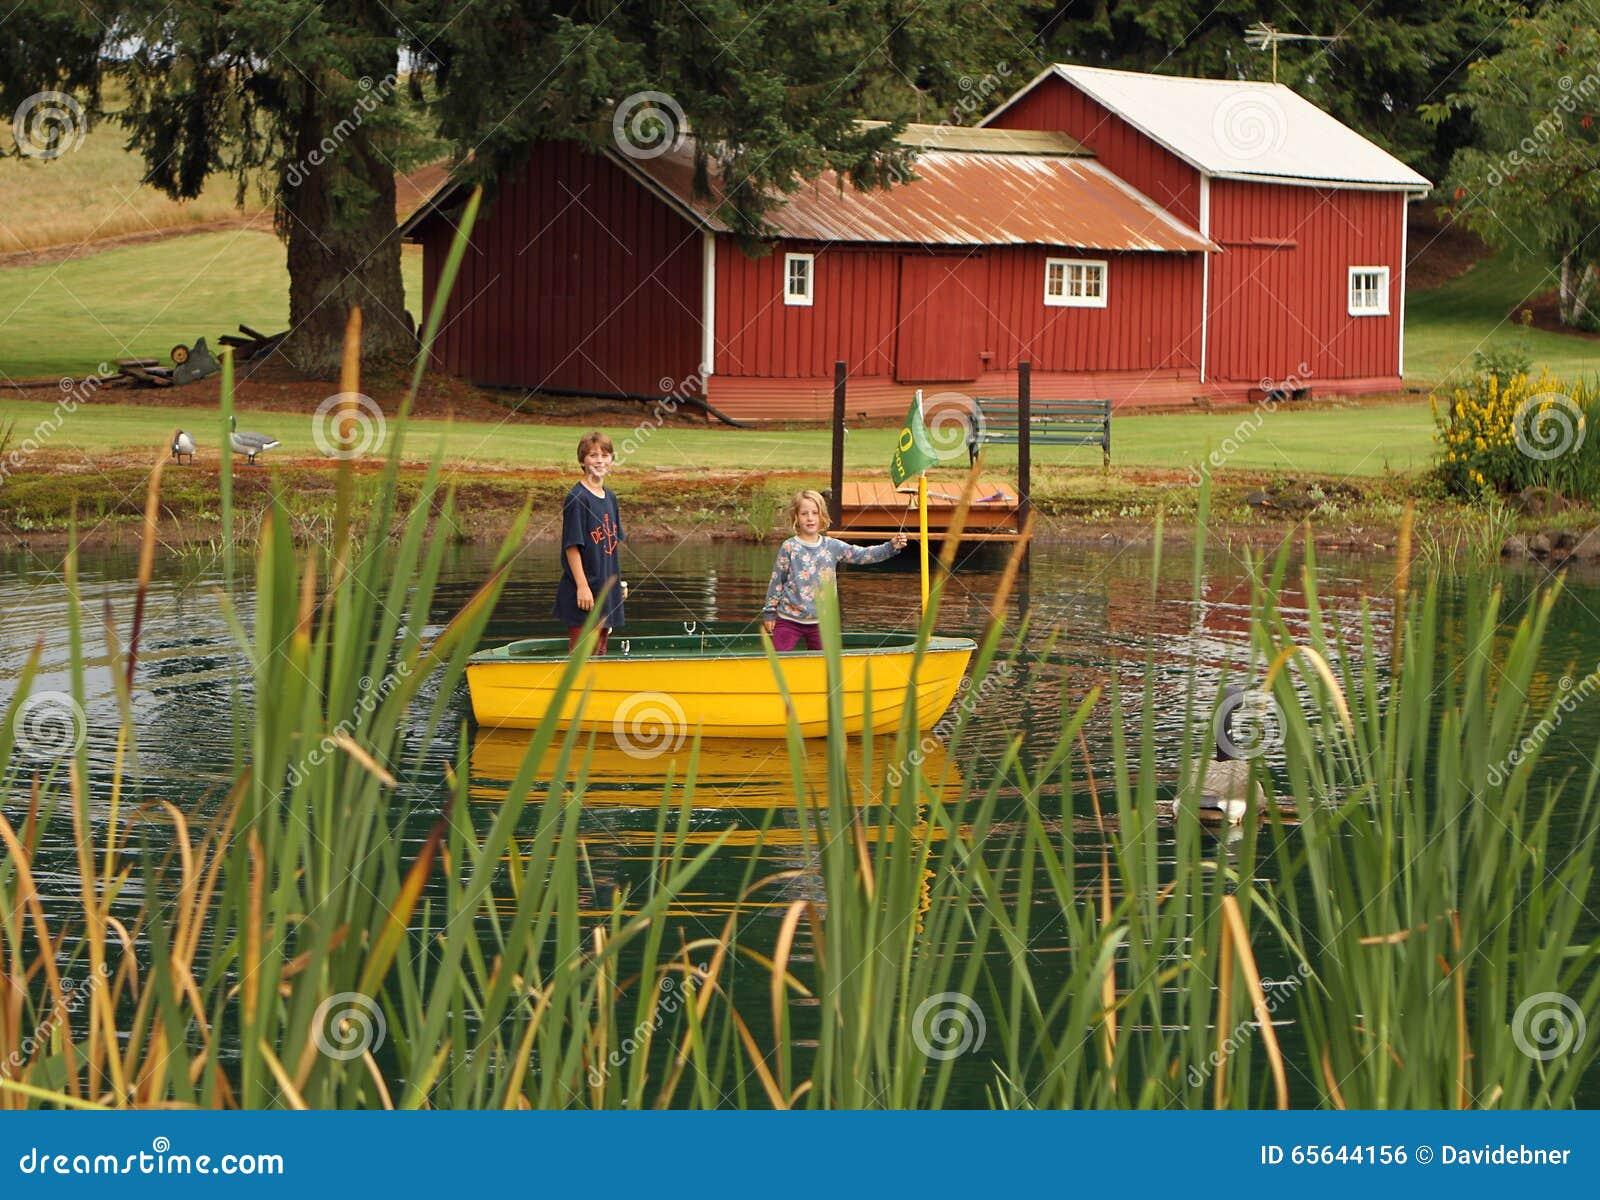 La vie de ferme pour des enfants dans un étang